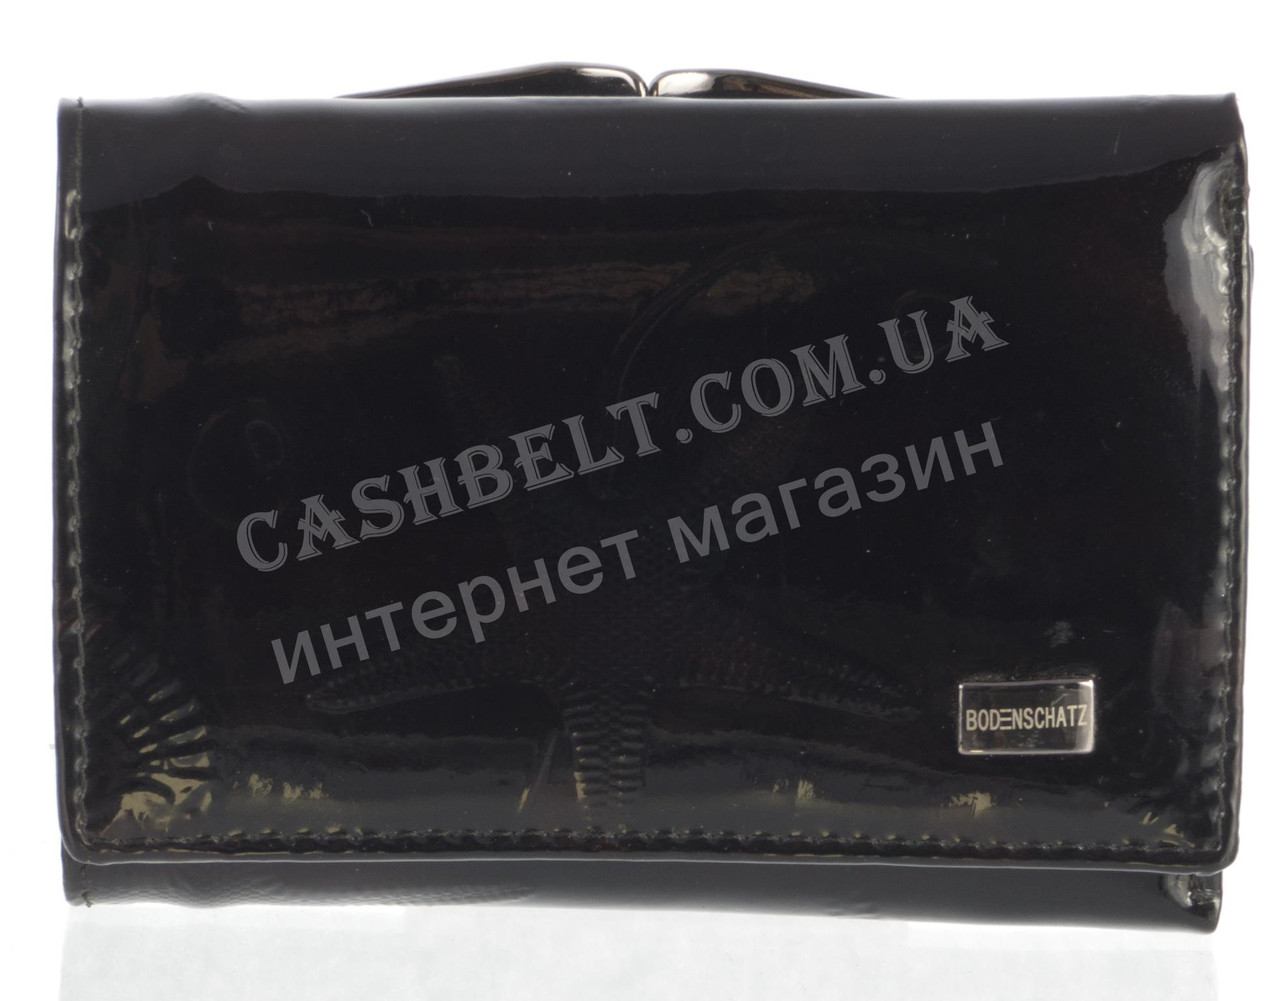 Маленький стильный лаковый женский кожаный кошелек высокого качества BODENSCHATZ art. 2239-A75 черный